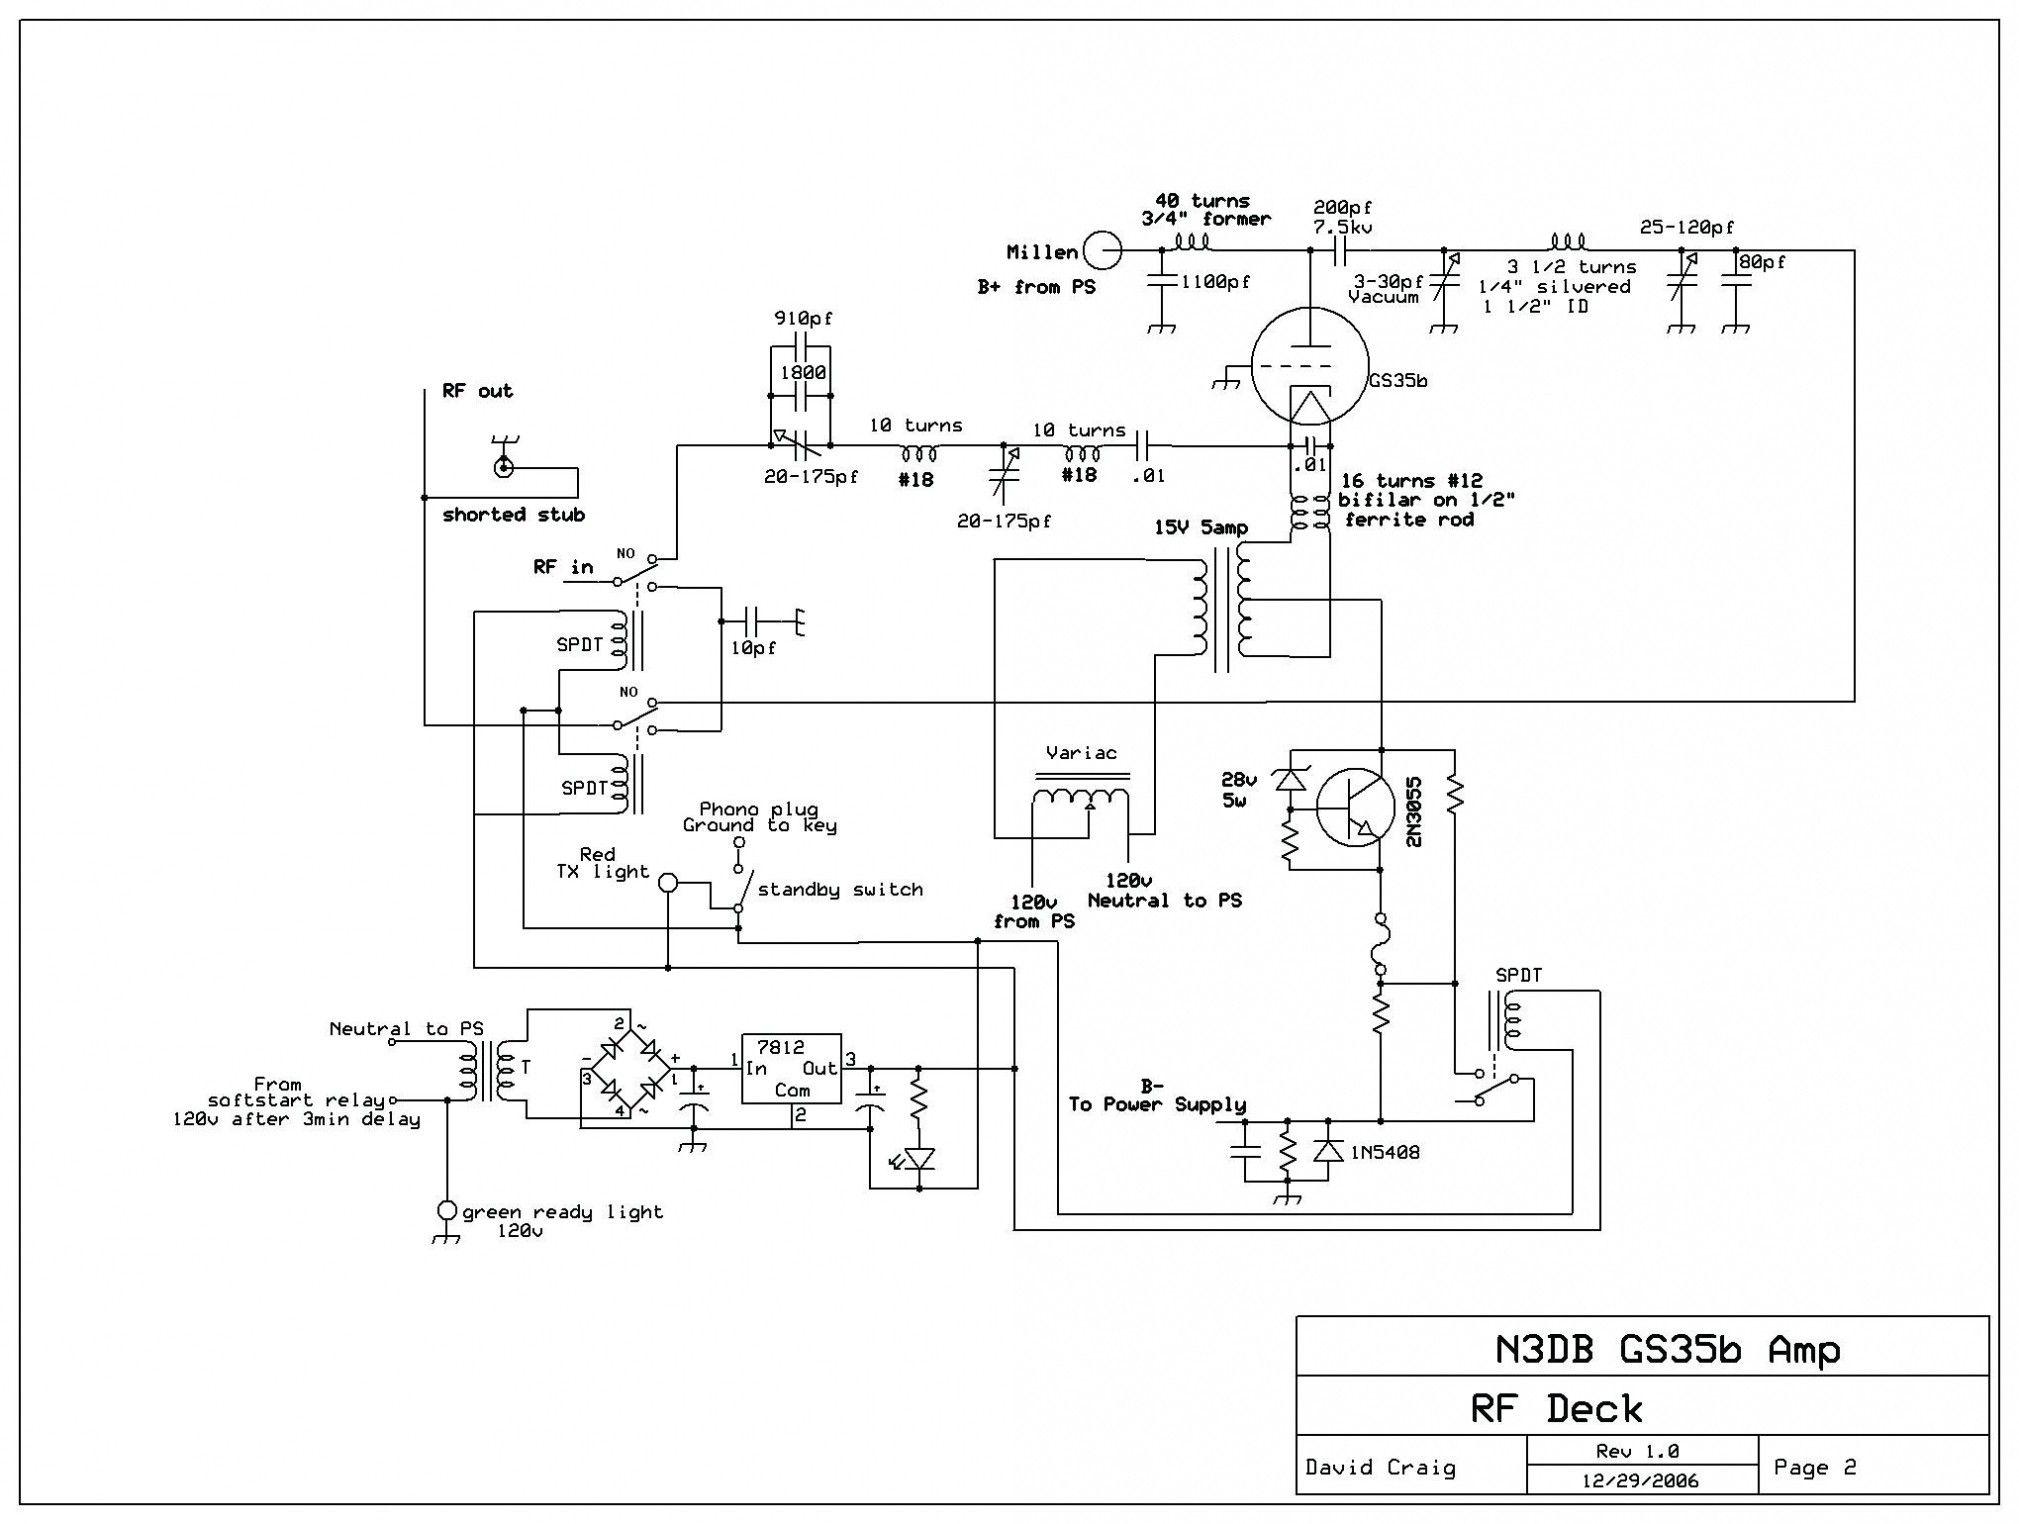 baldor brake wiring diagram unique wiring diagram baldor electric motor diagram  wiring diagram baldor electric motor